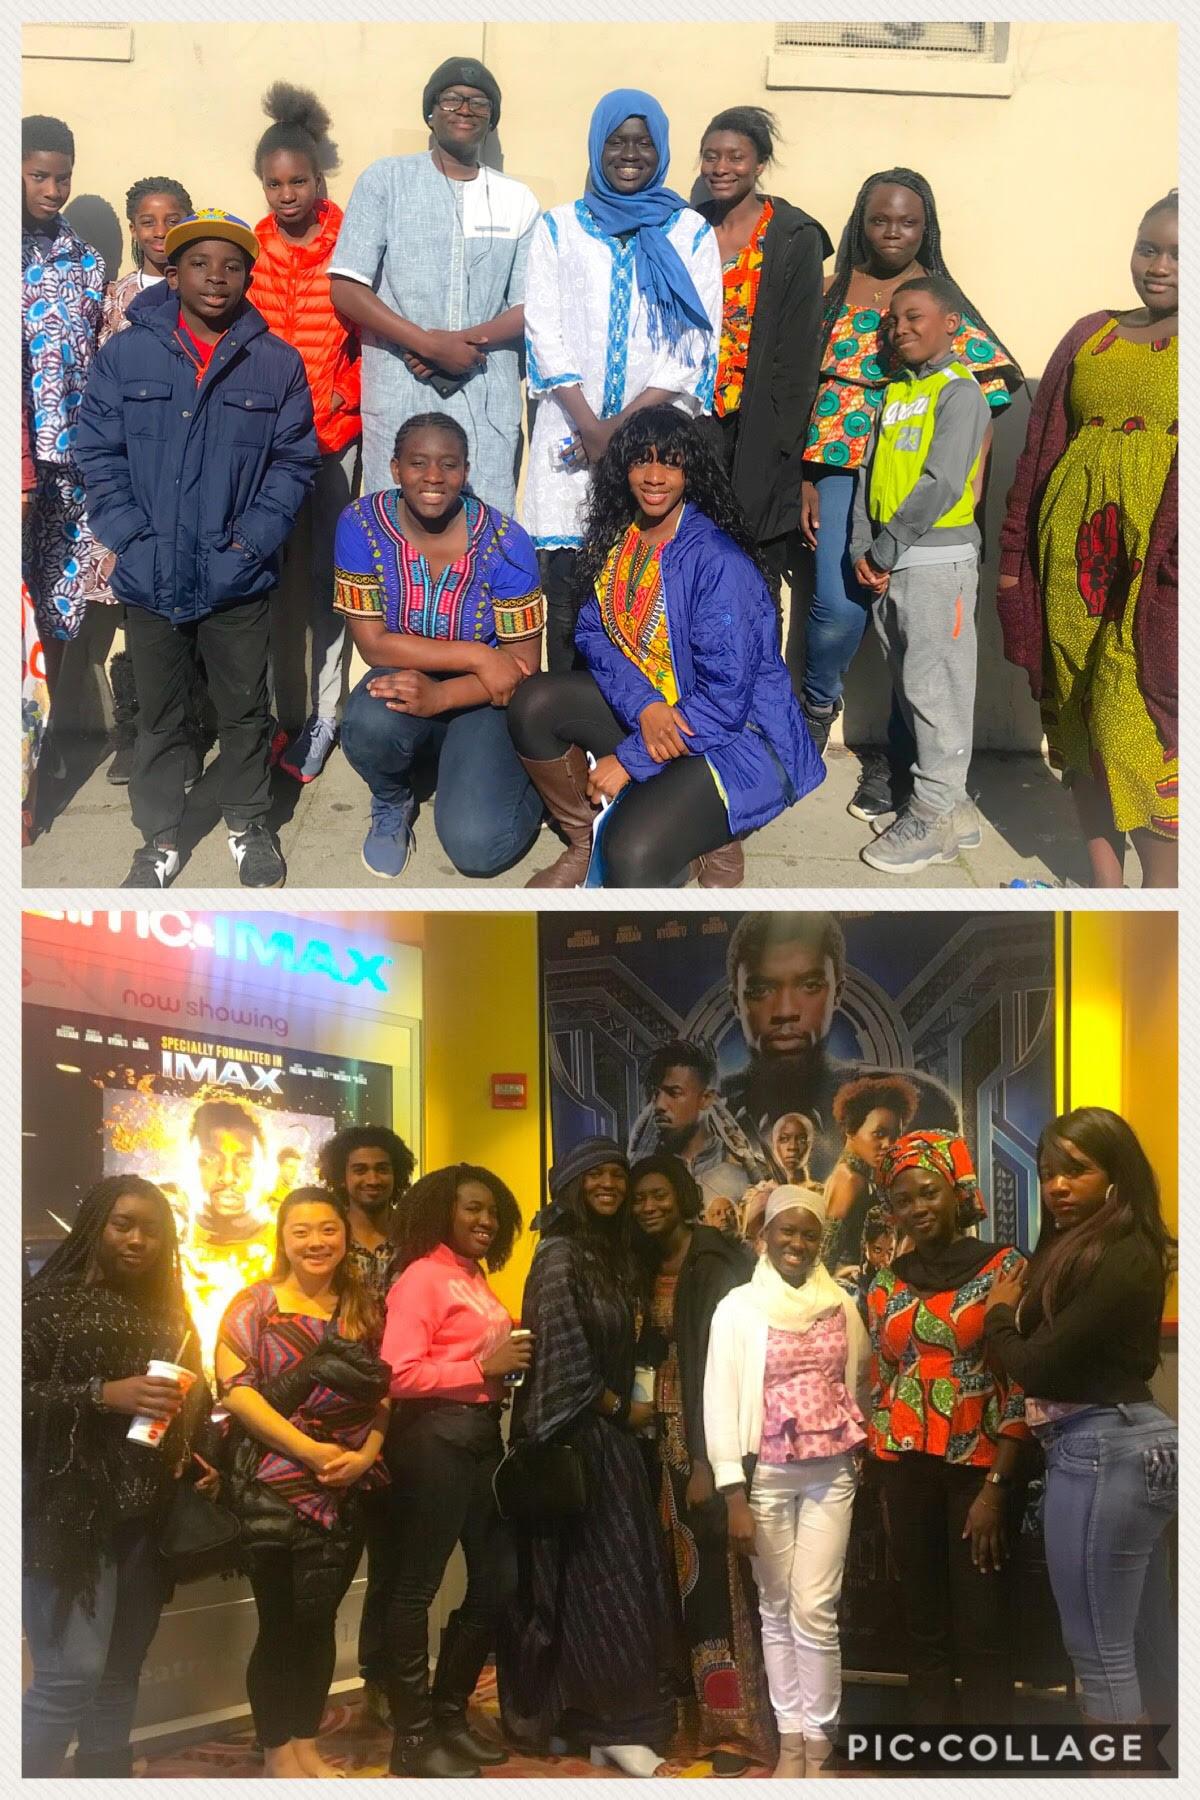 We went to WAKANDA, Black Panther movie screening February 2018